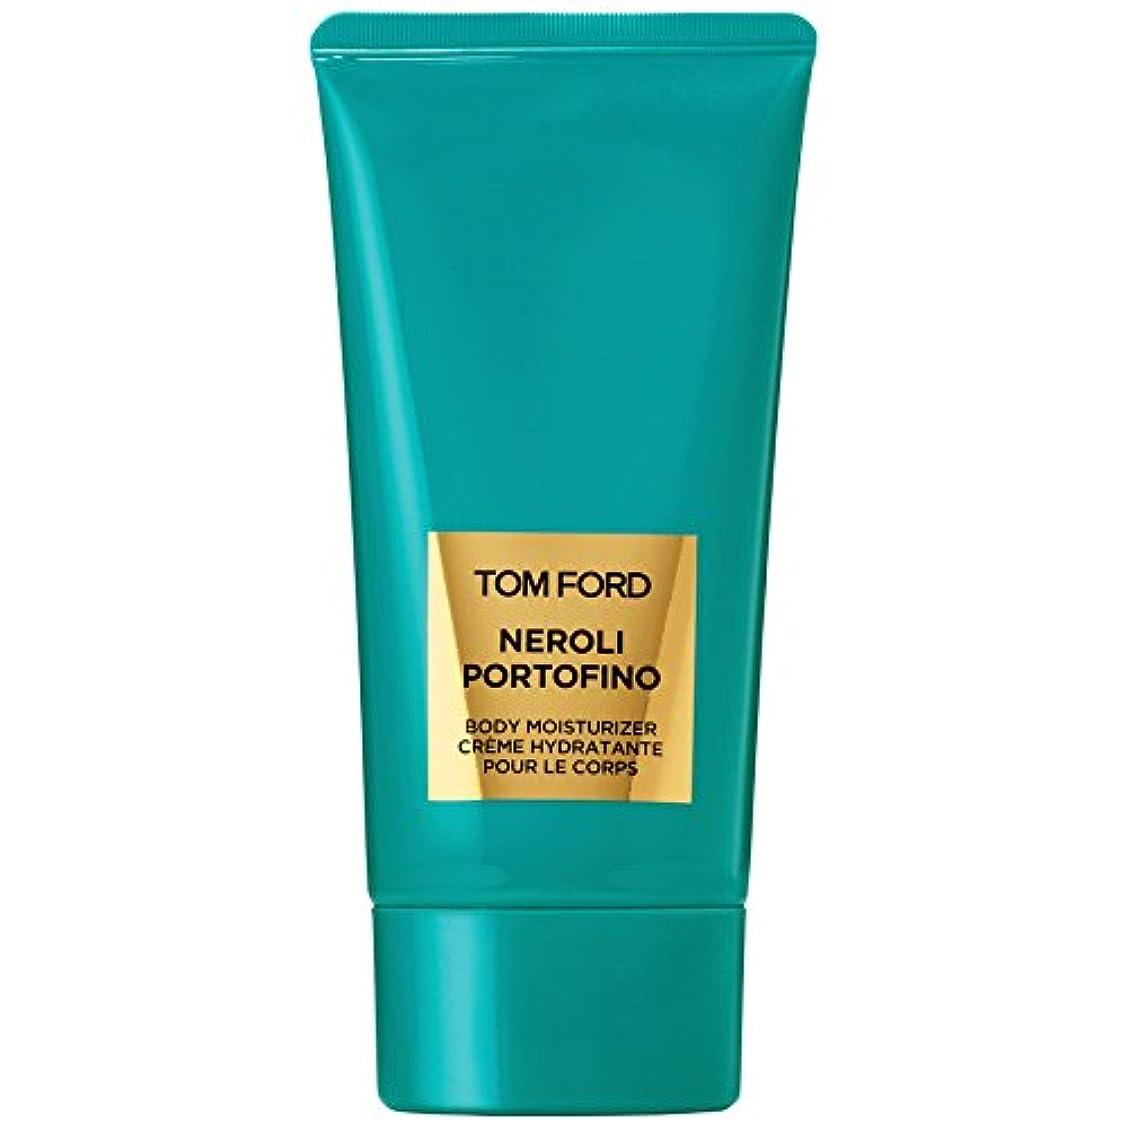 配送信仰シーケンス[TOM FORD] トムフォードのネロリポルトフィーノボディLotion150Ml - Tom Ford Neroli Portofino Body Lotion150ml [並行輸入品]